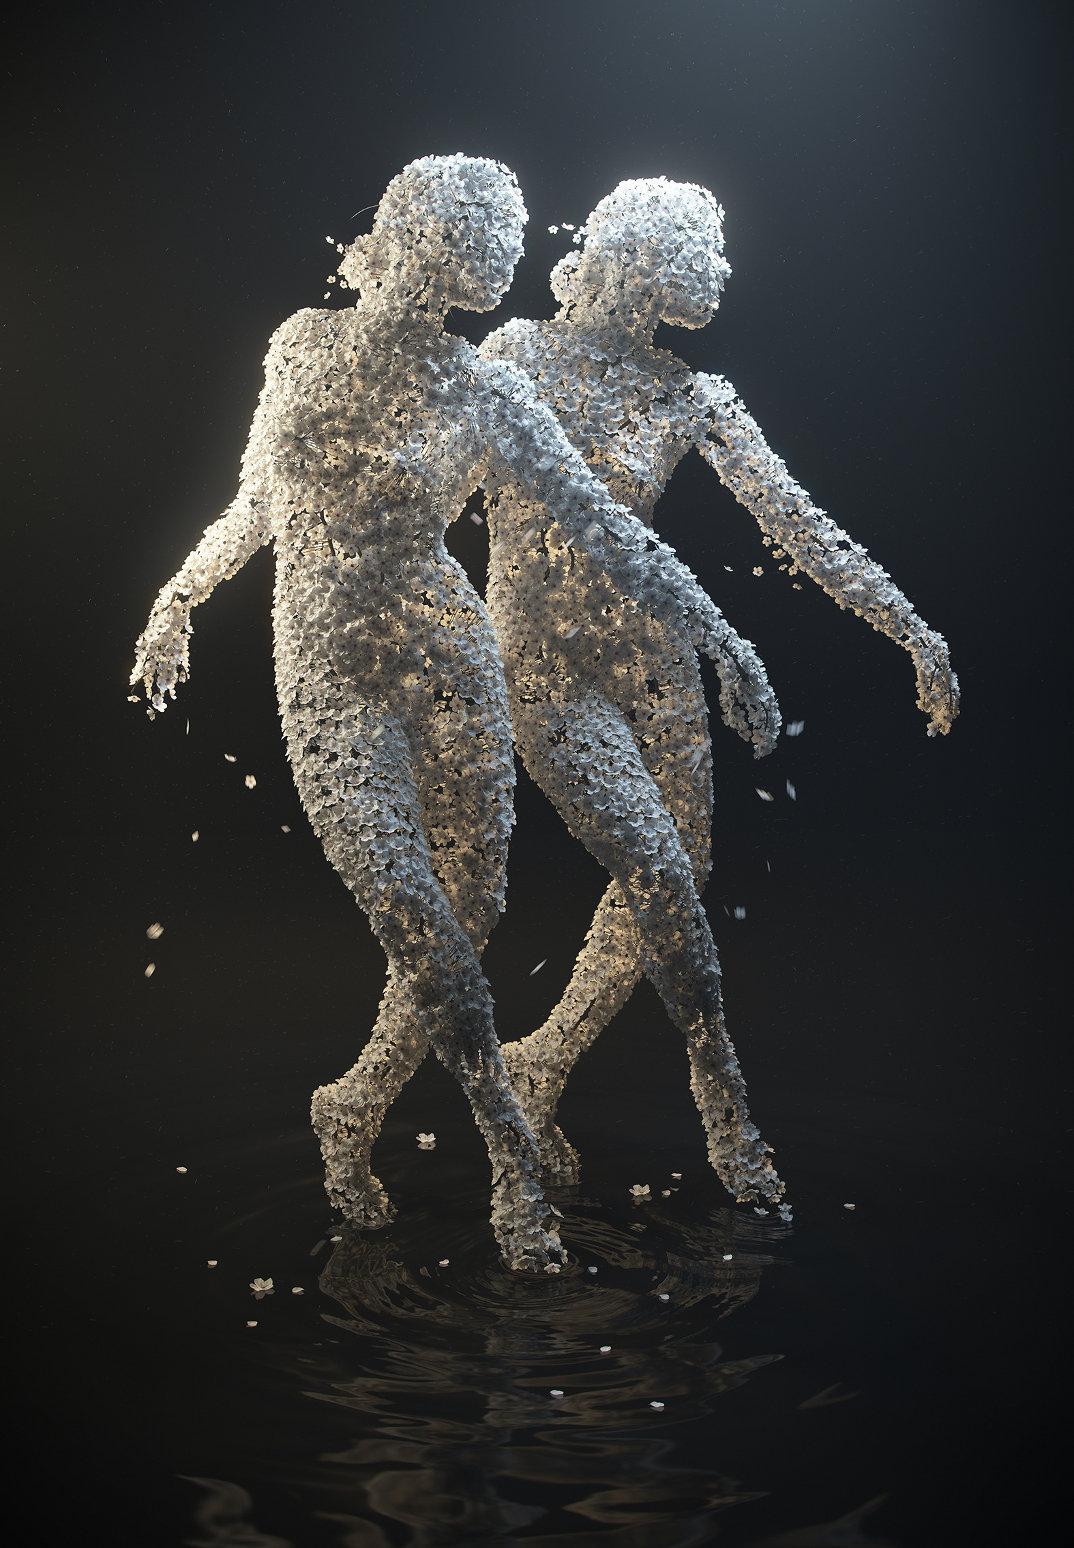 sculture-digitali-3d-figure-femminili-ricoperte-fiori-jean-michel-bihorel-03